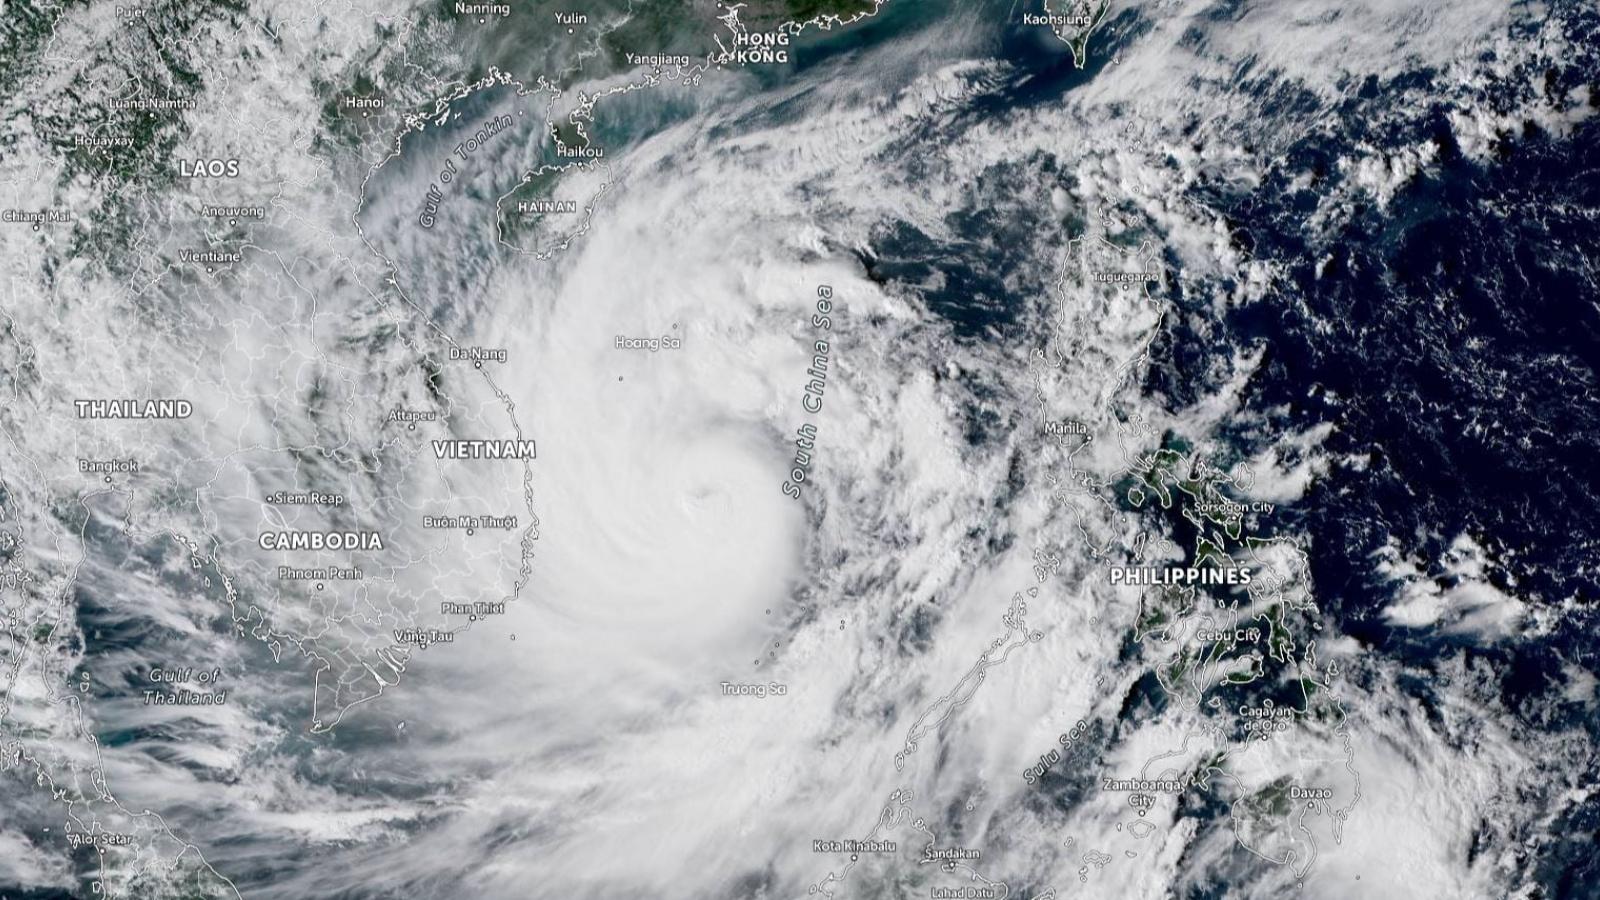 Miền Trung sơ tán hàng trăm nghìn dân trước khi bão số 9 đổ bộ